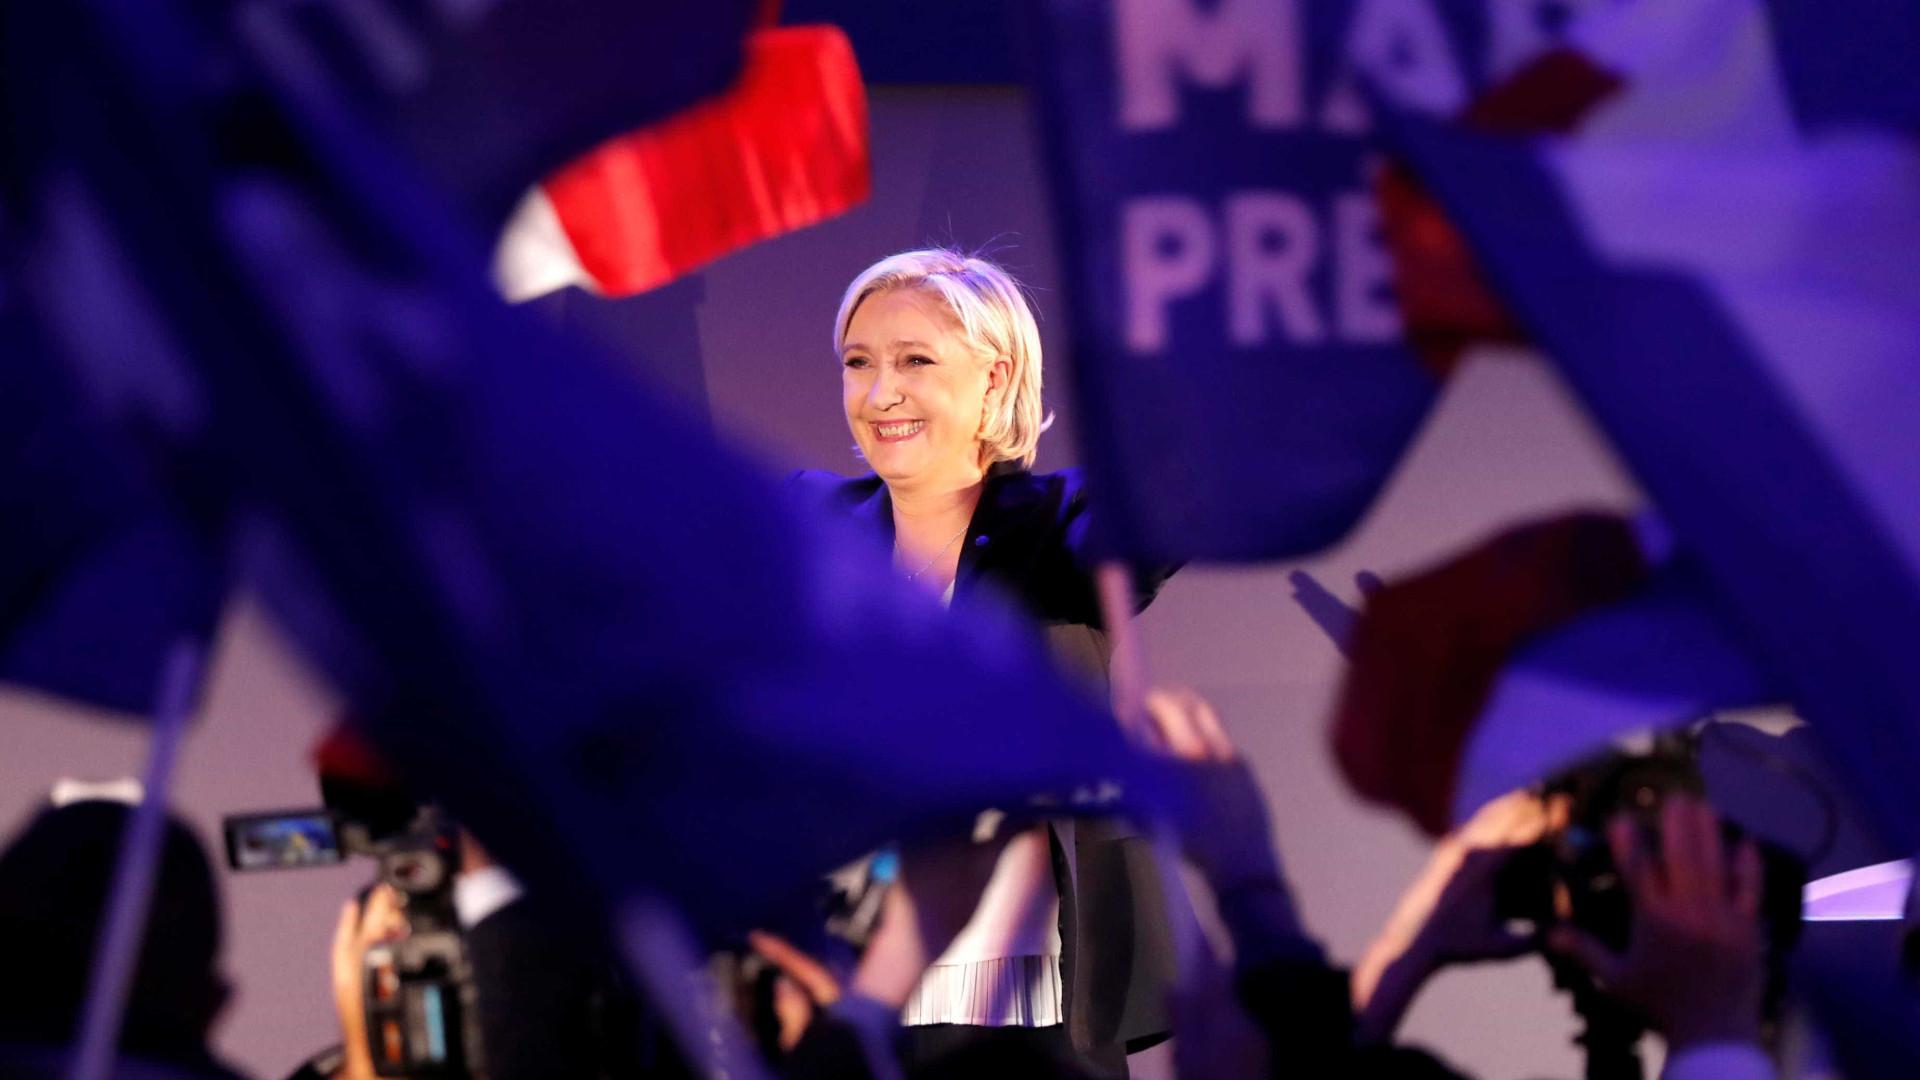 Le Pen anuncia saída do comando  da Frente Nacional